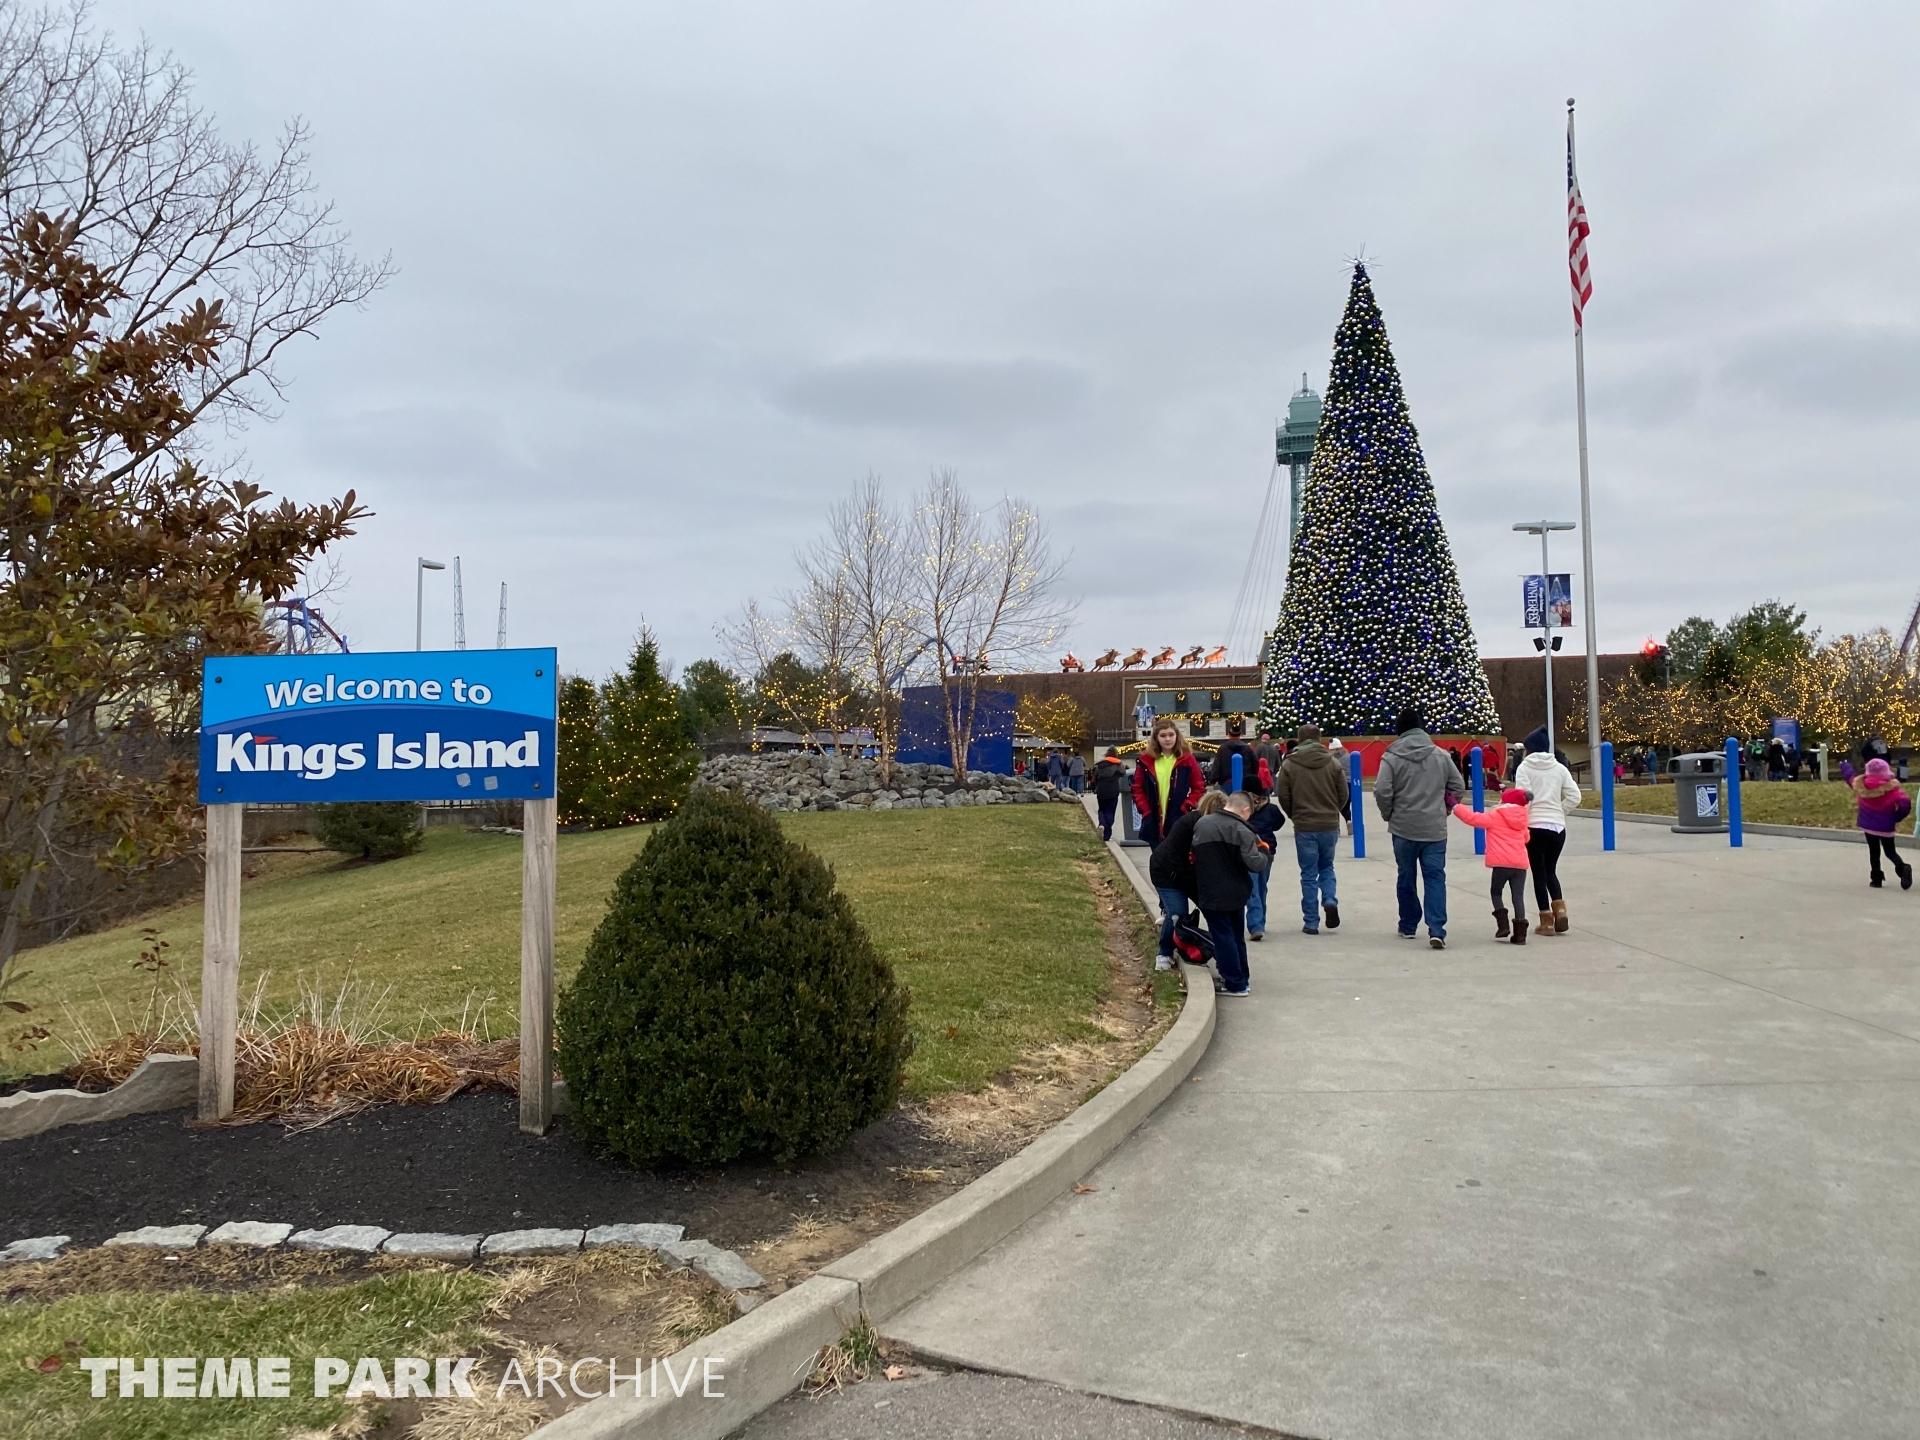 Entrance at Kings Island